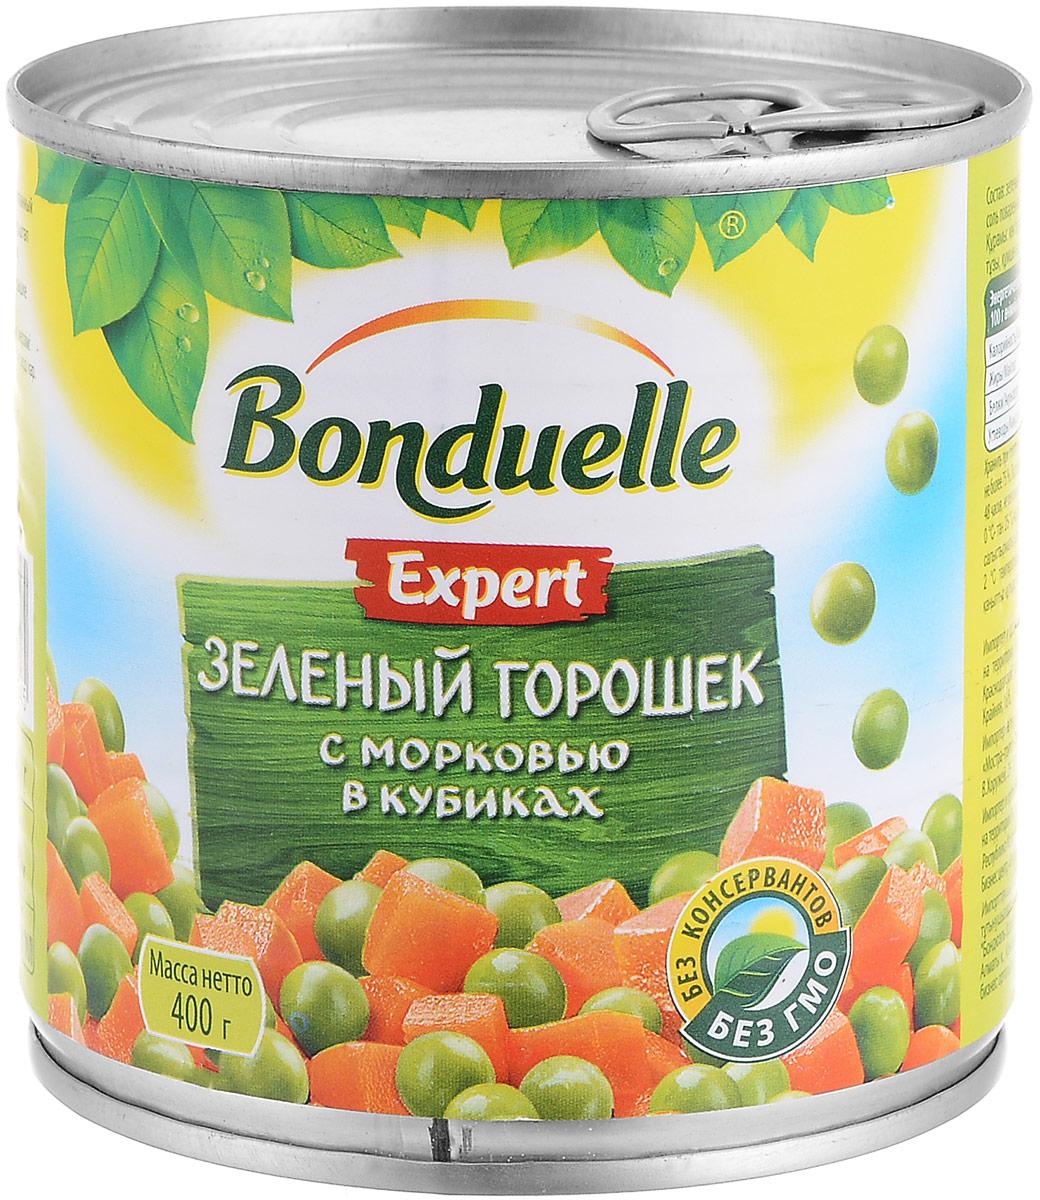 Bonduelle зеленый горошек с морковью в кубиках, 400 г националь киноа 450 г